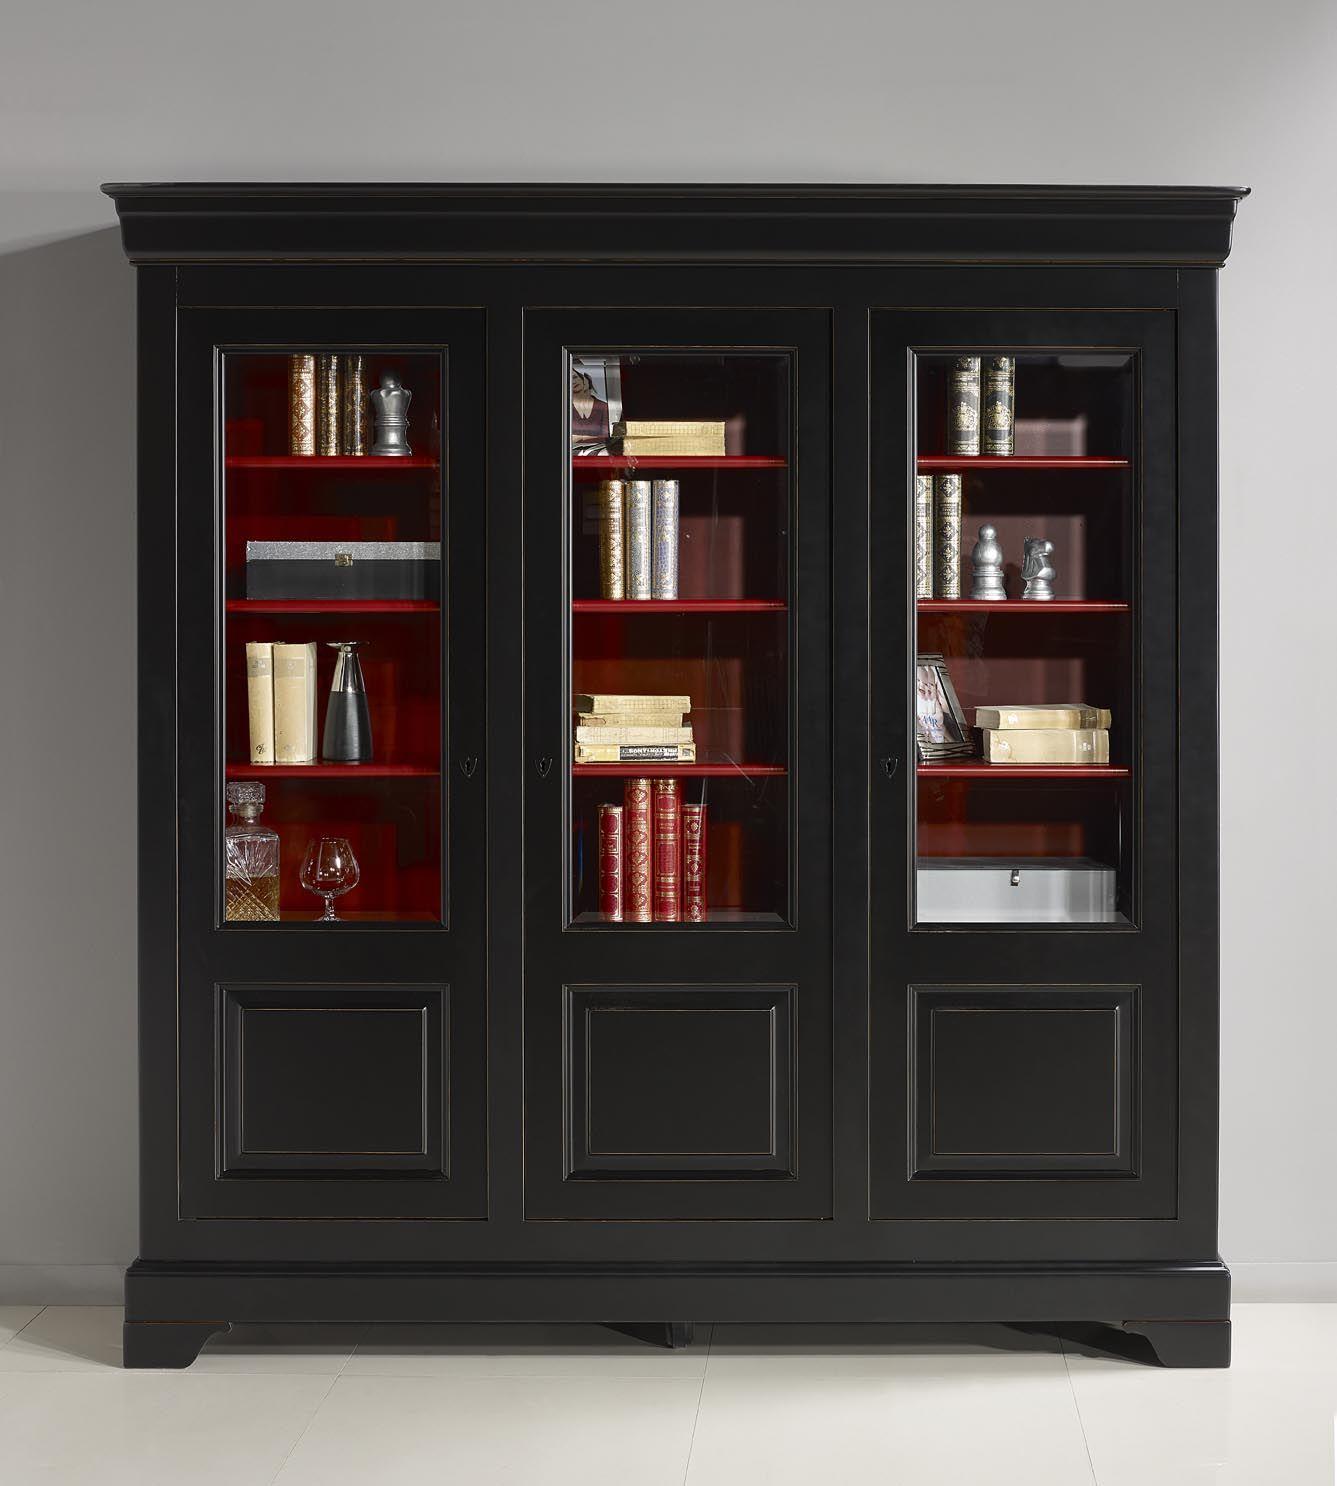 Biblioth que 3 portes flore r alis e en merisier massif de - Repeindre meuble louis philippe ...